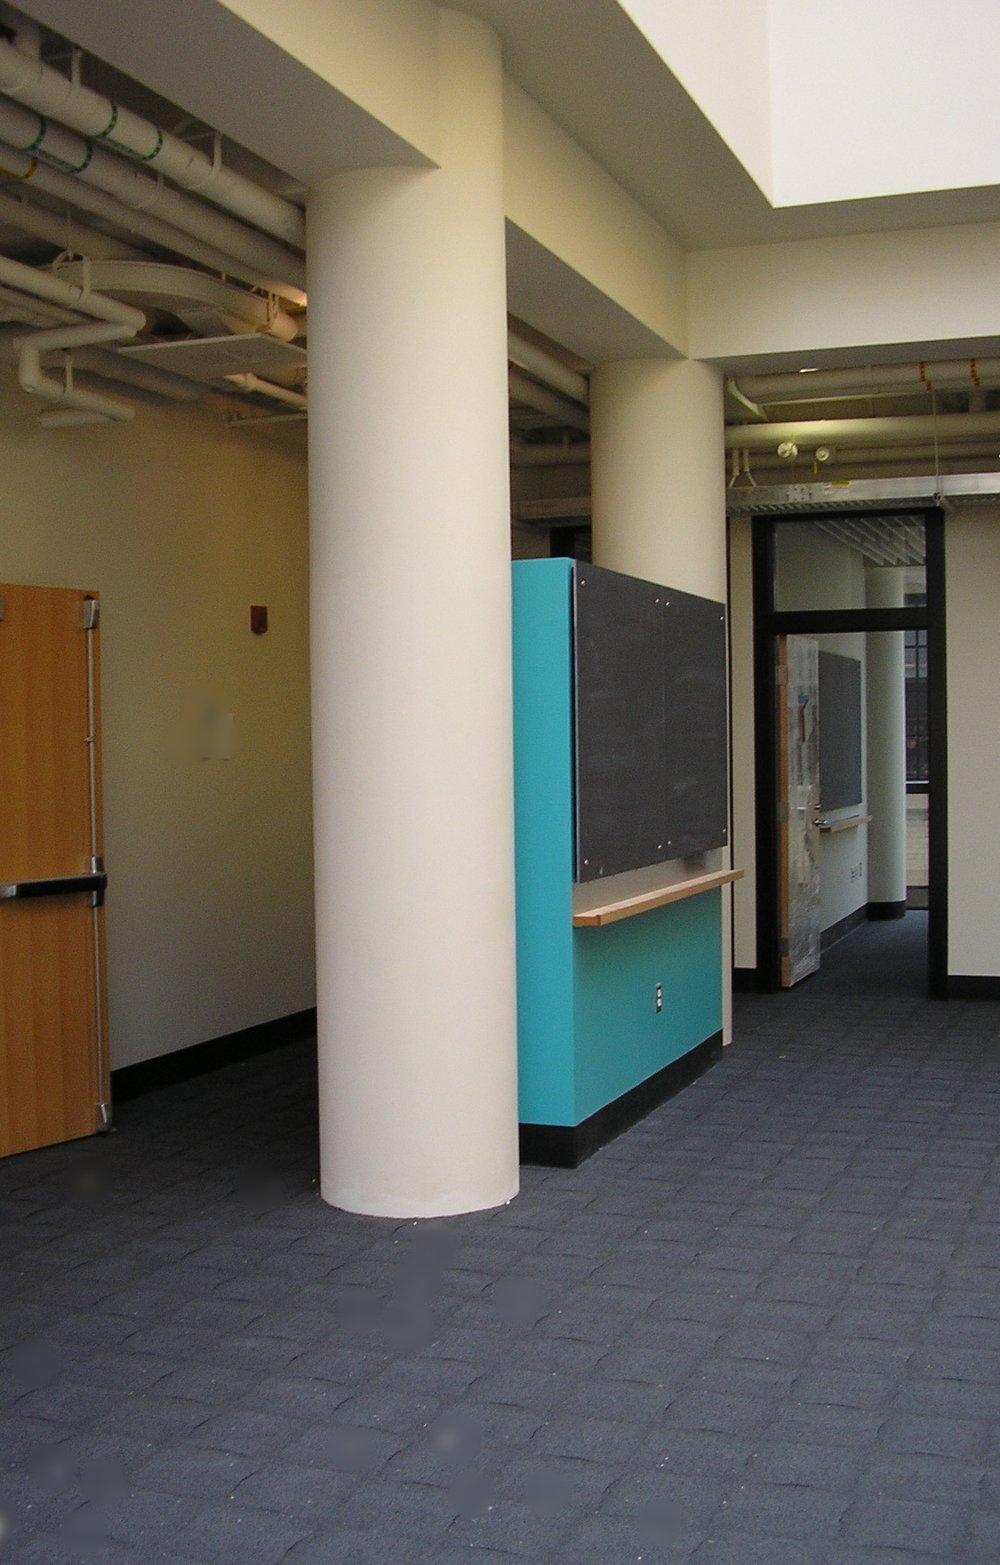 MIT PDSI 019.jpg